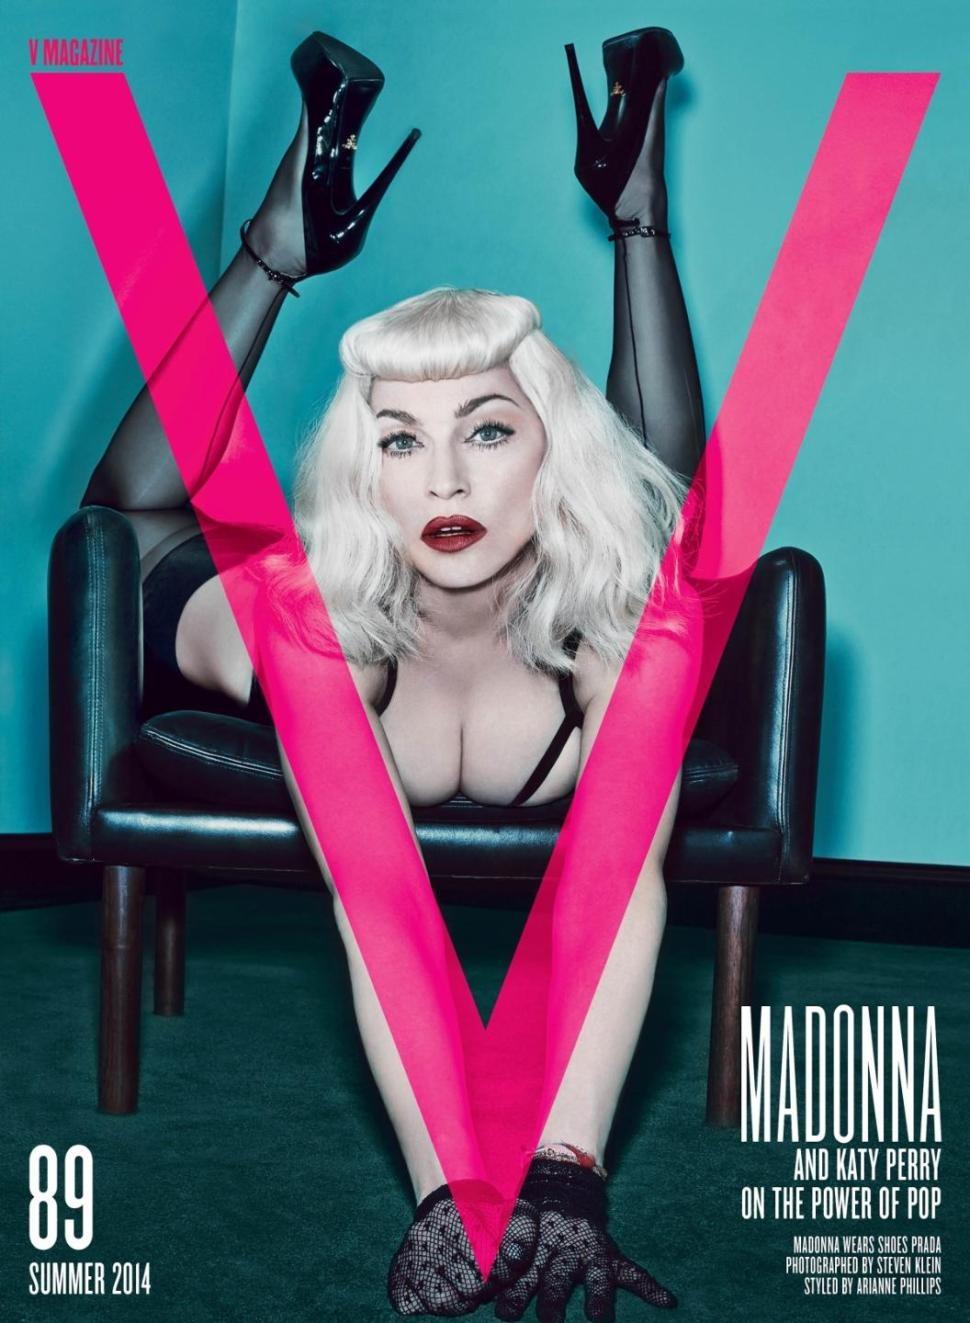 madonna v magazine cover capa